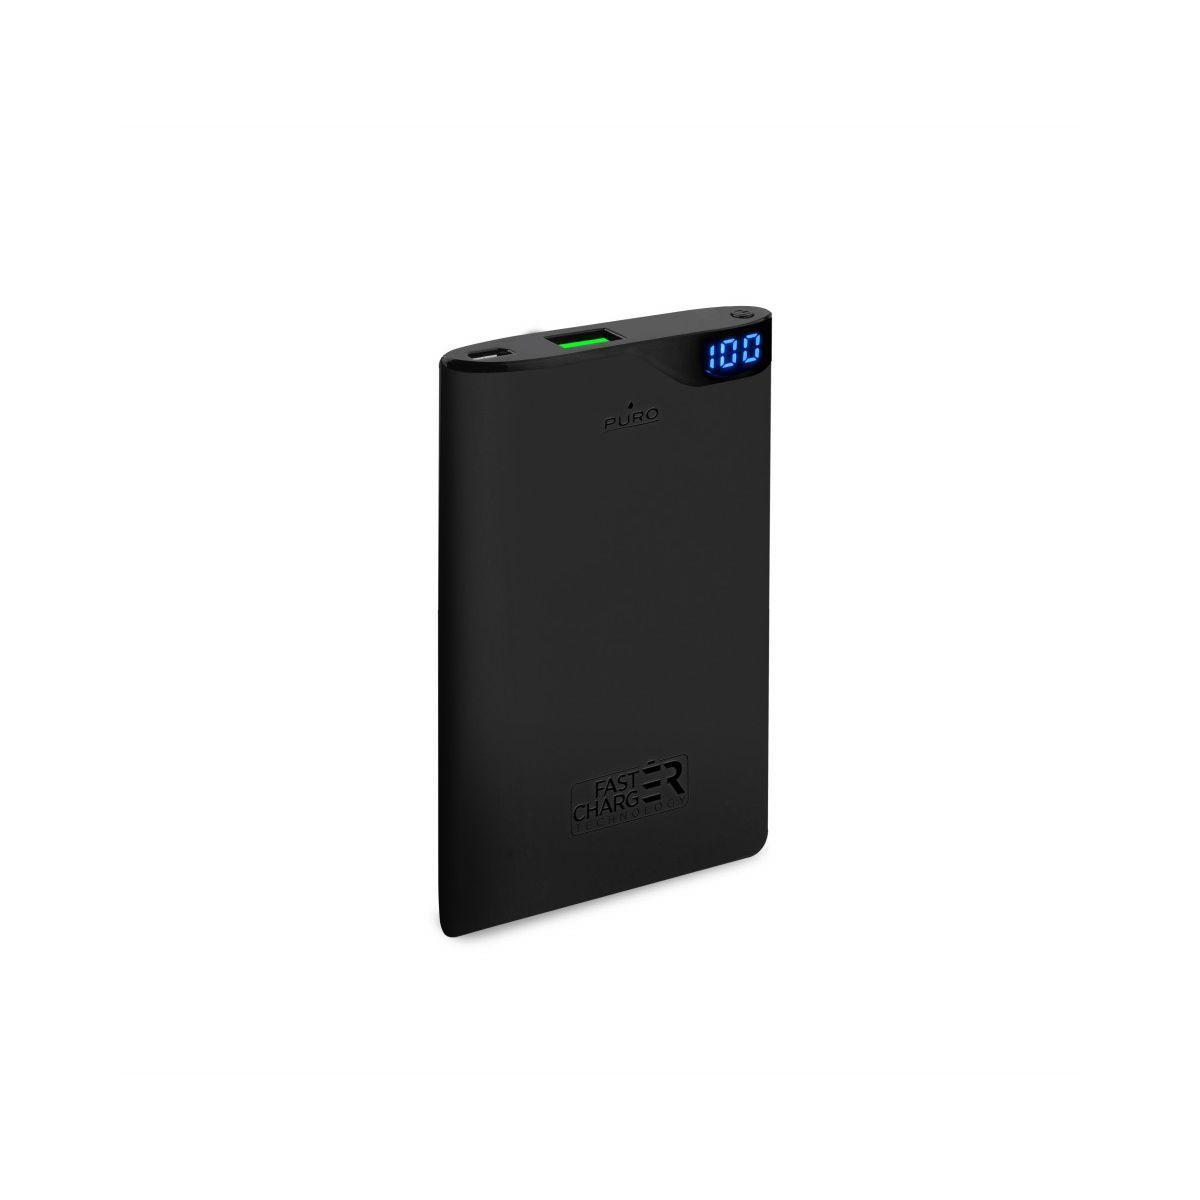 Batterie externe puro 4 000 mah noir 2 usb - livraison offerte : code premium (photo)